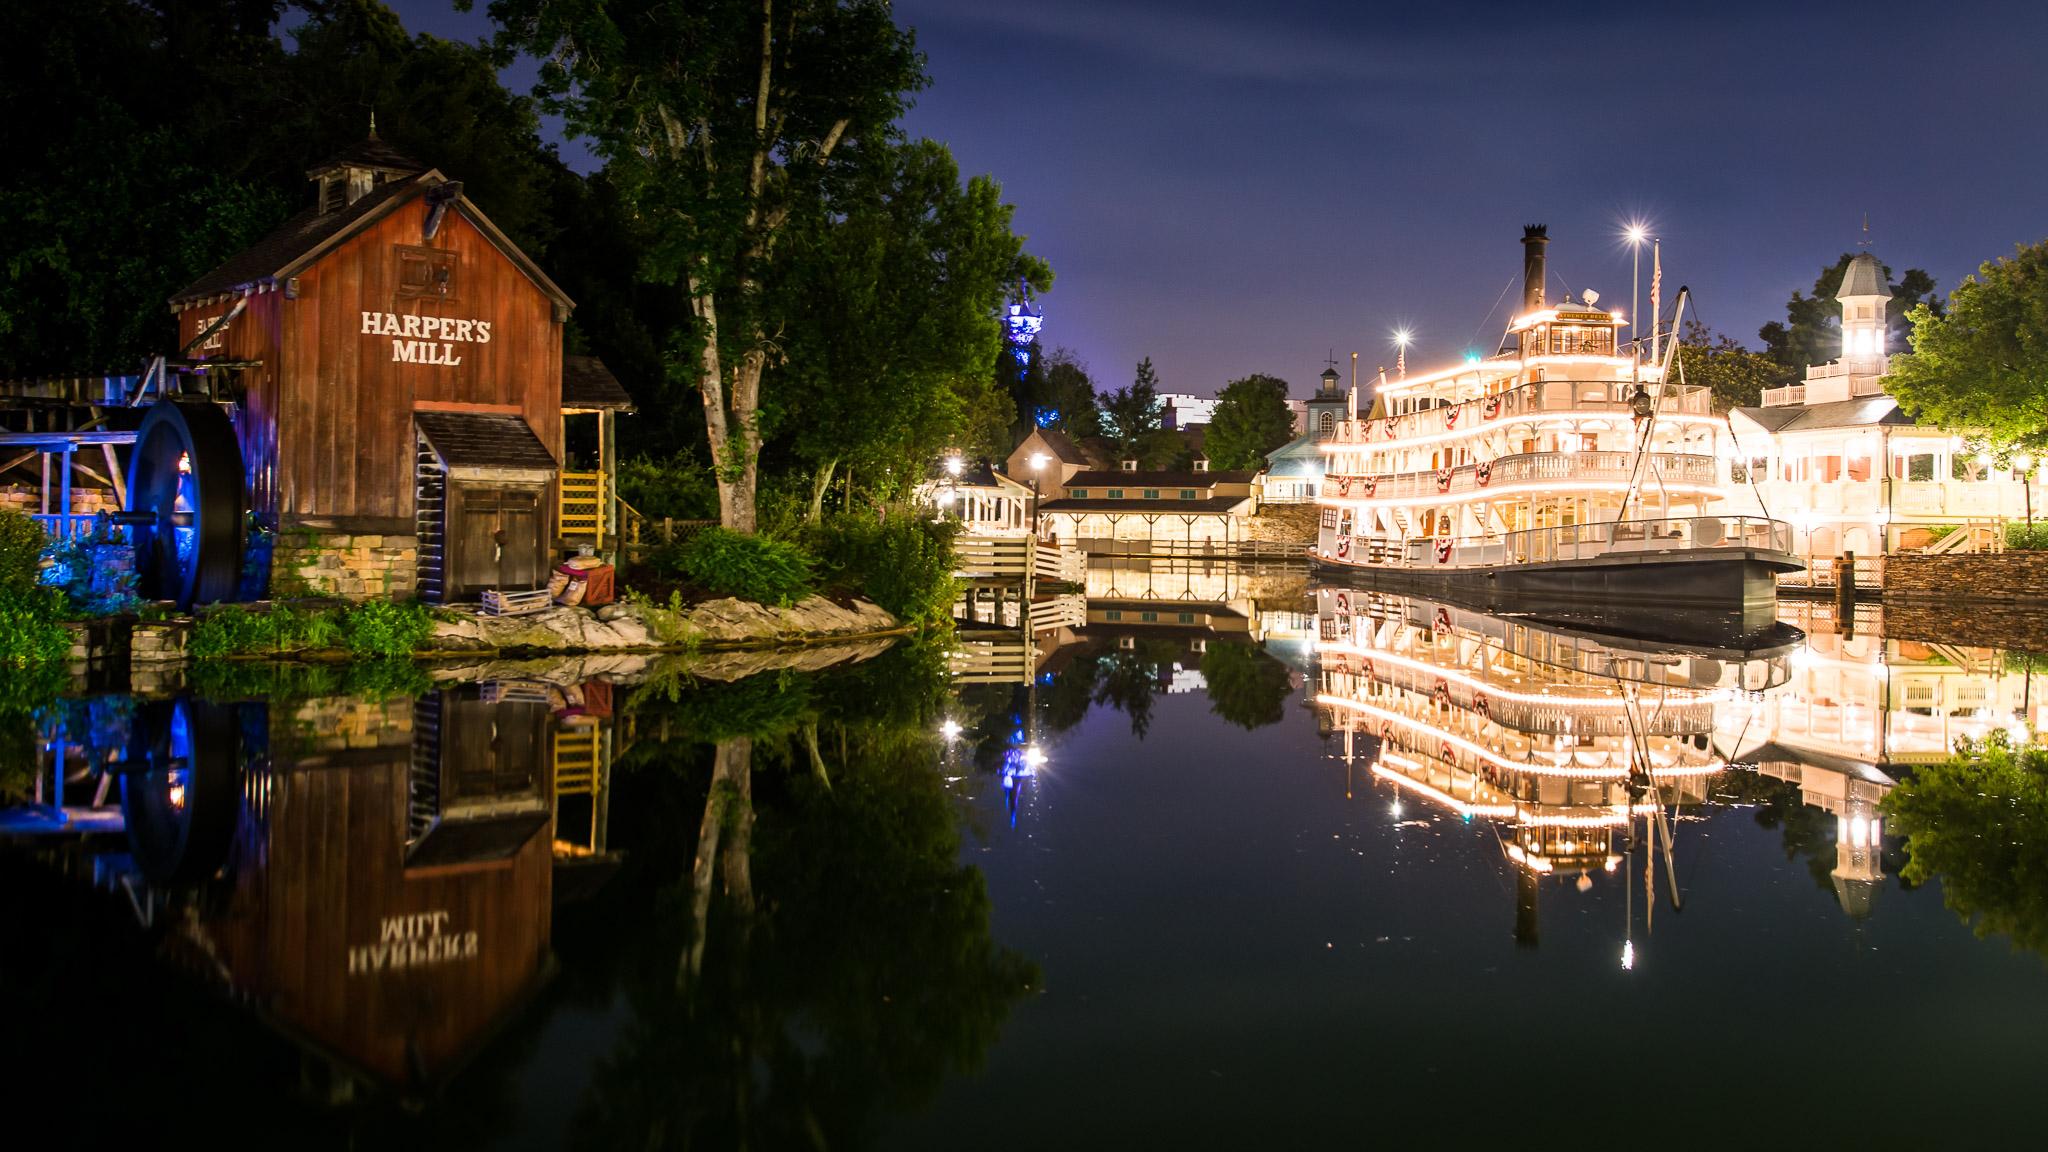 KateTaramykinStudios-Disney-World-Fourth-of July-2015-8.jpg